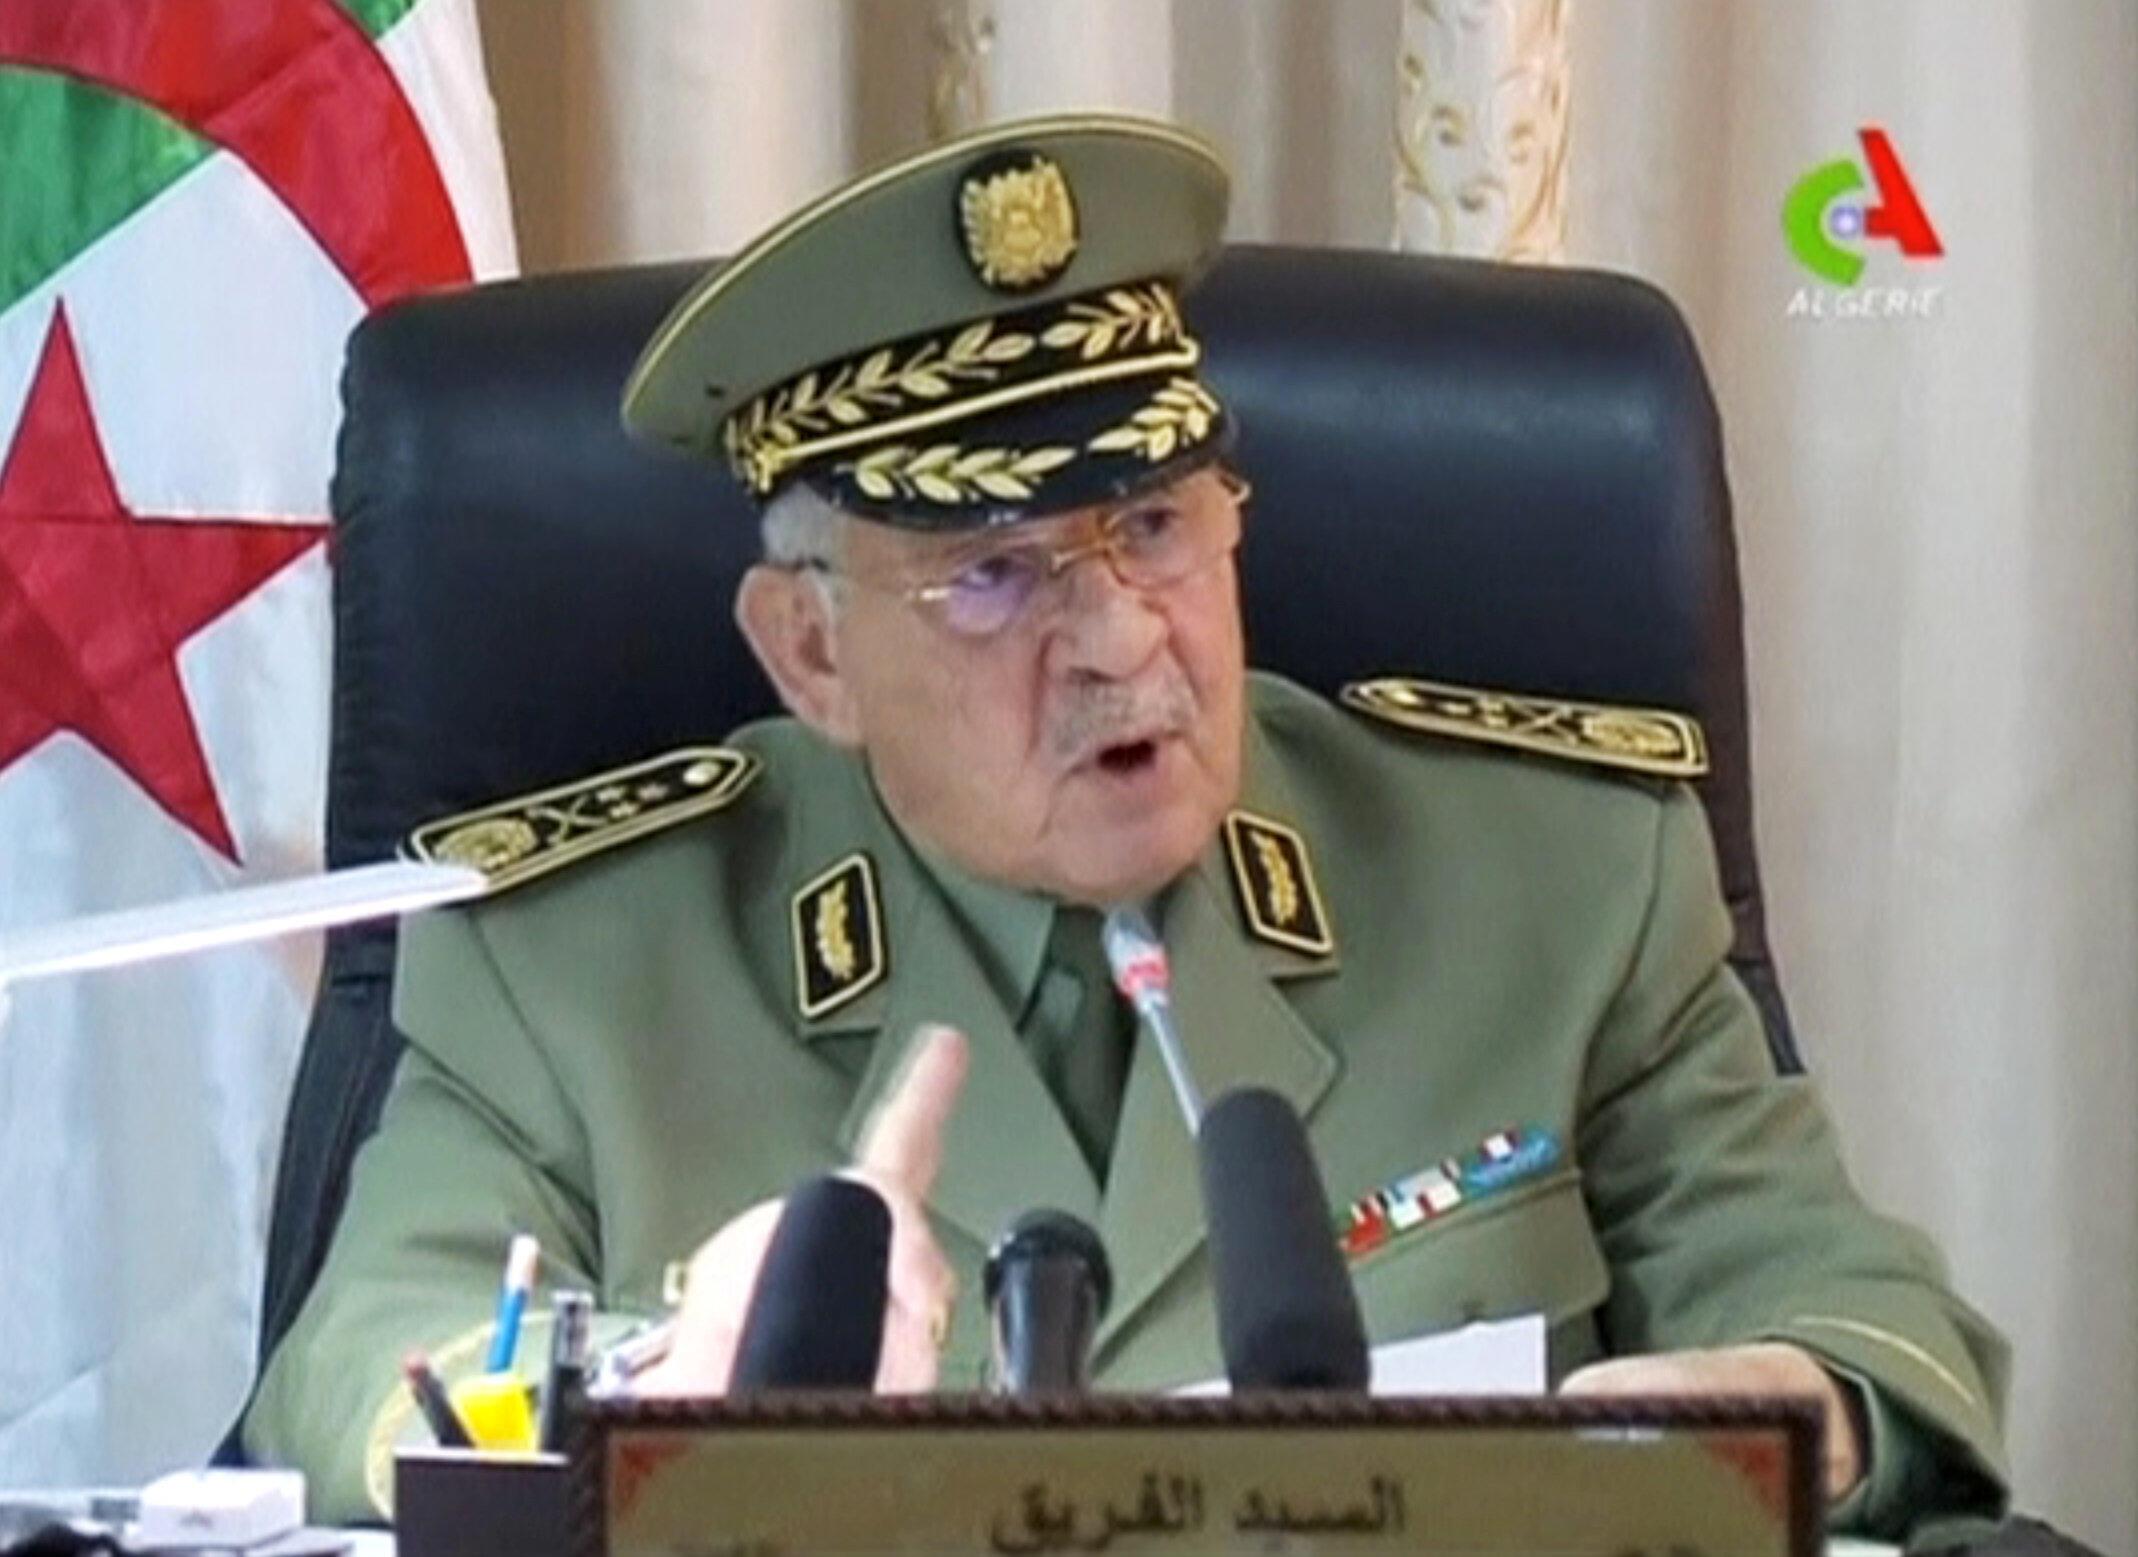 Ahmed Gaid Salah Aprili 2, 2019 Algiers.